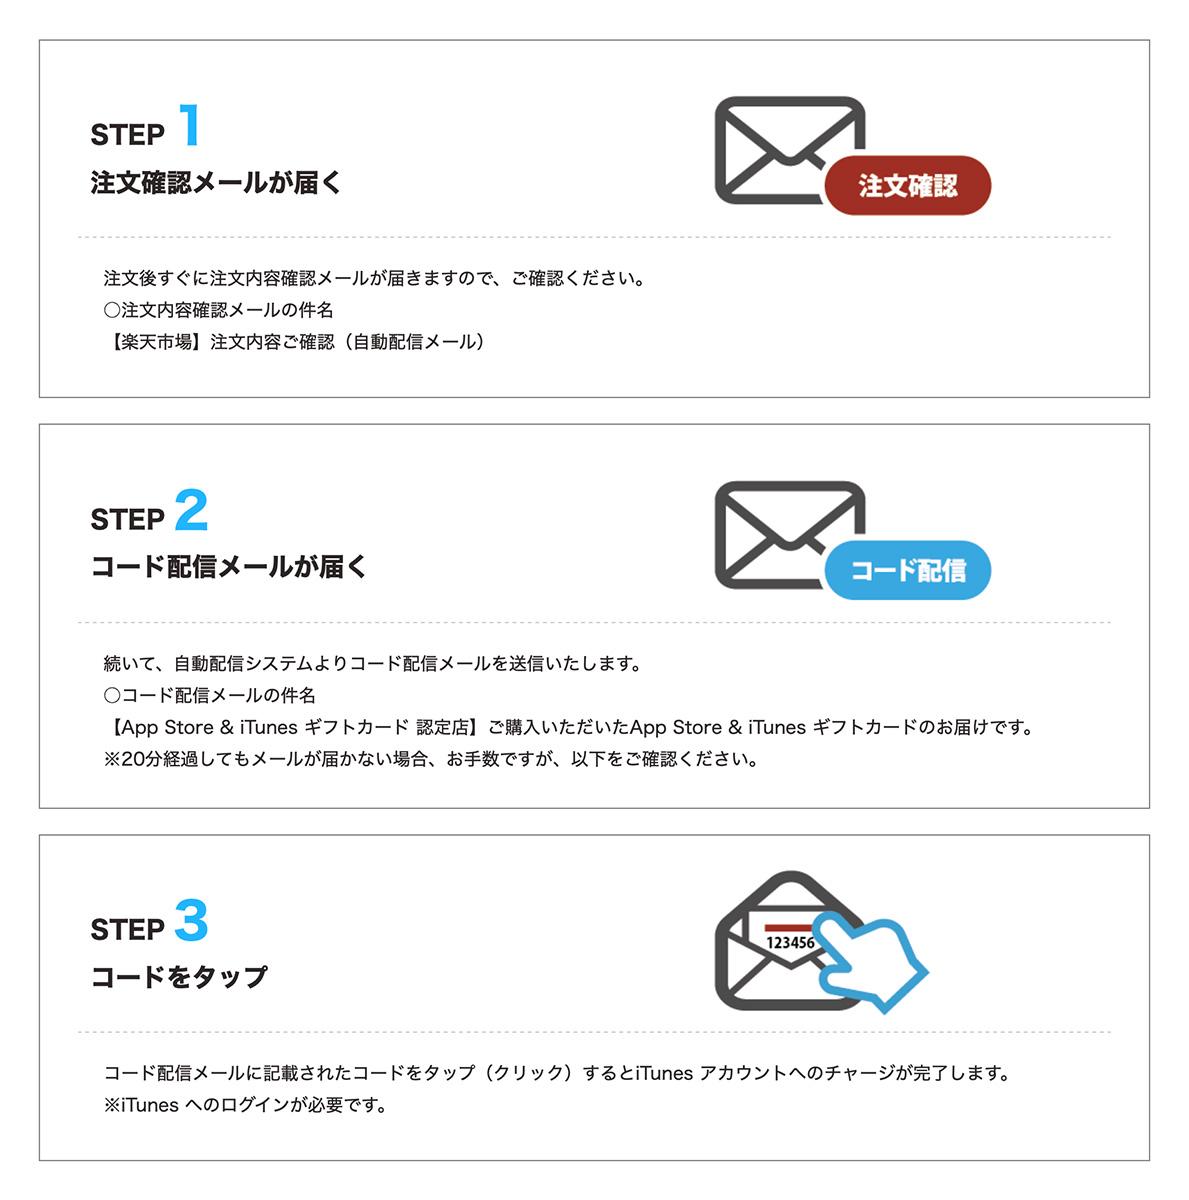 楽天市場で10%OFF!「App Store & iTunes カード」がお得! (9/10まで)